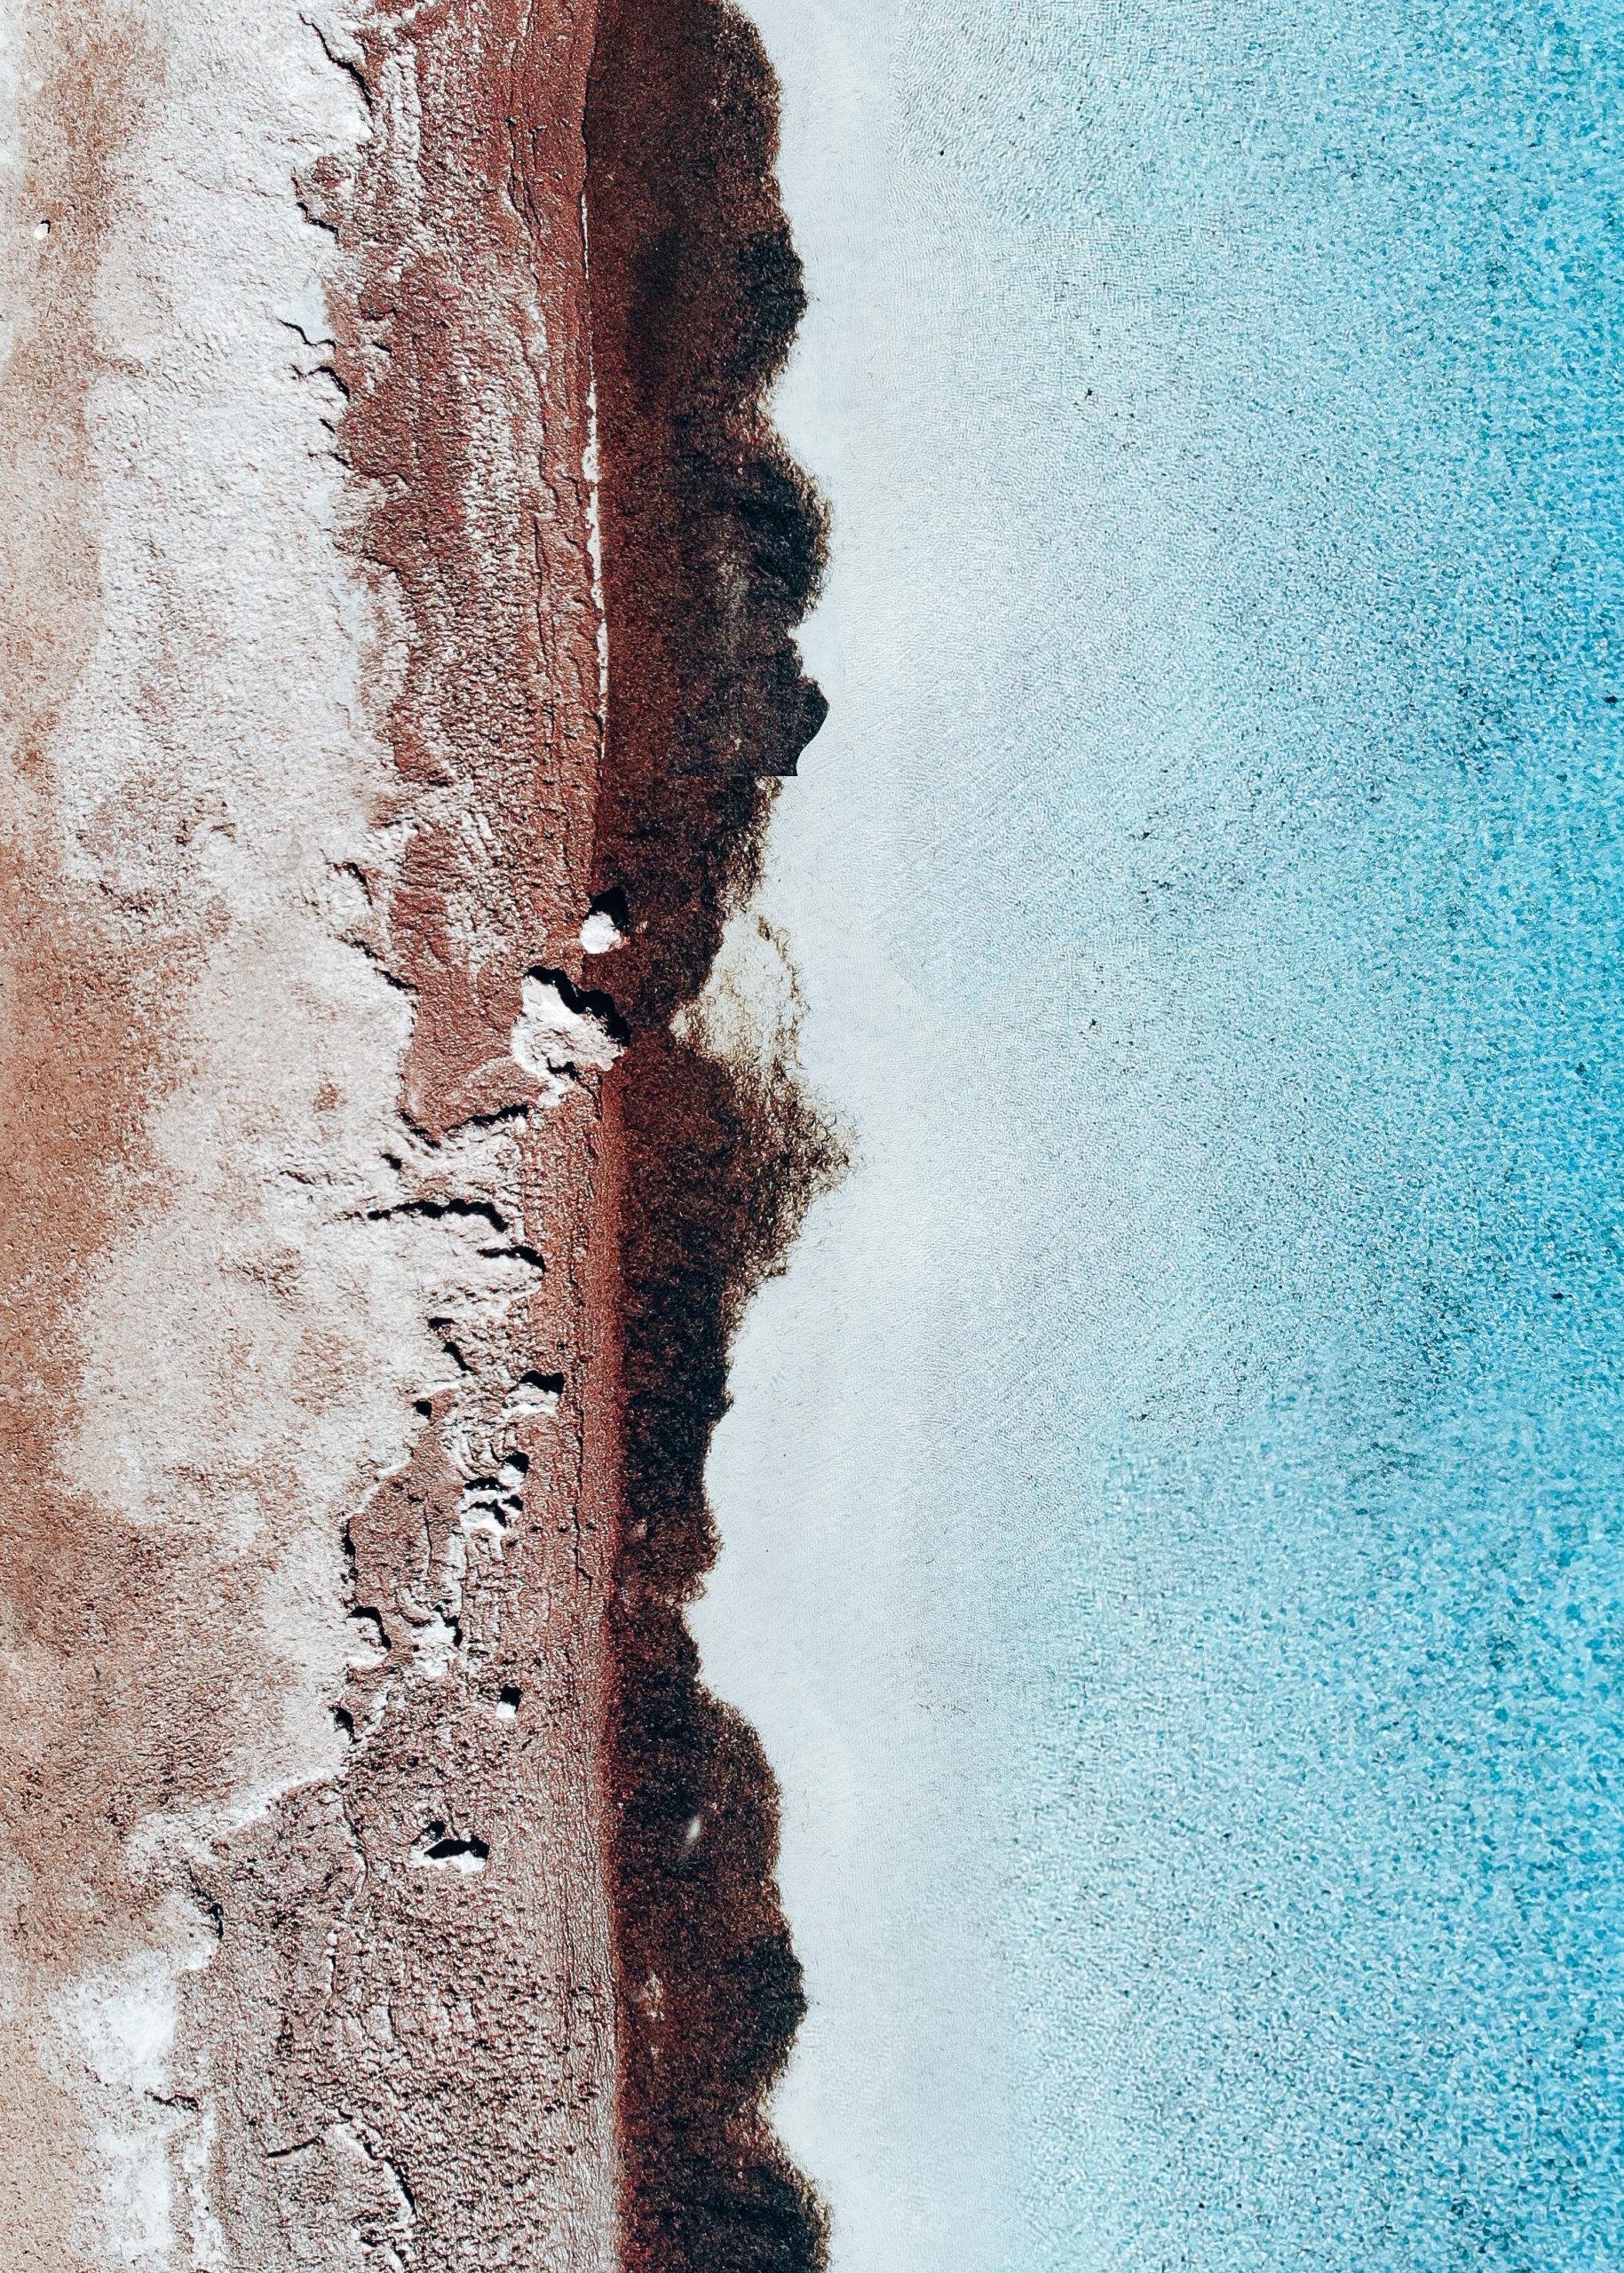 Paraguan plage corse du sud, france